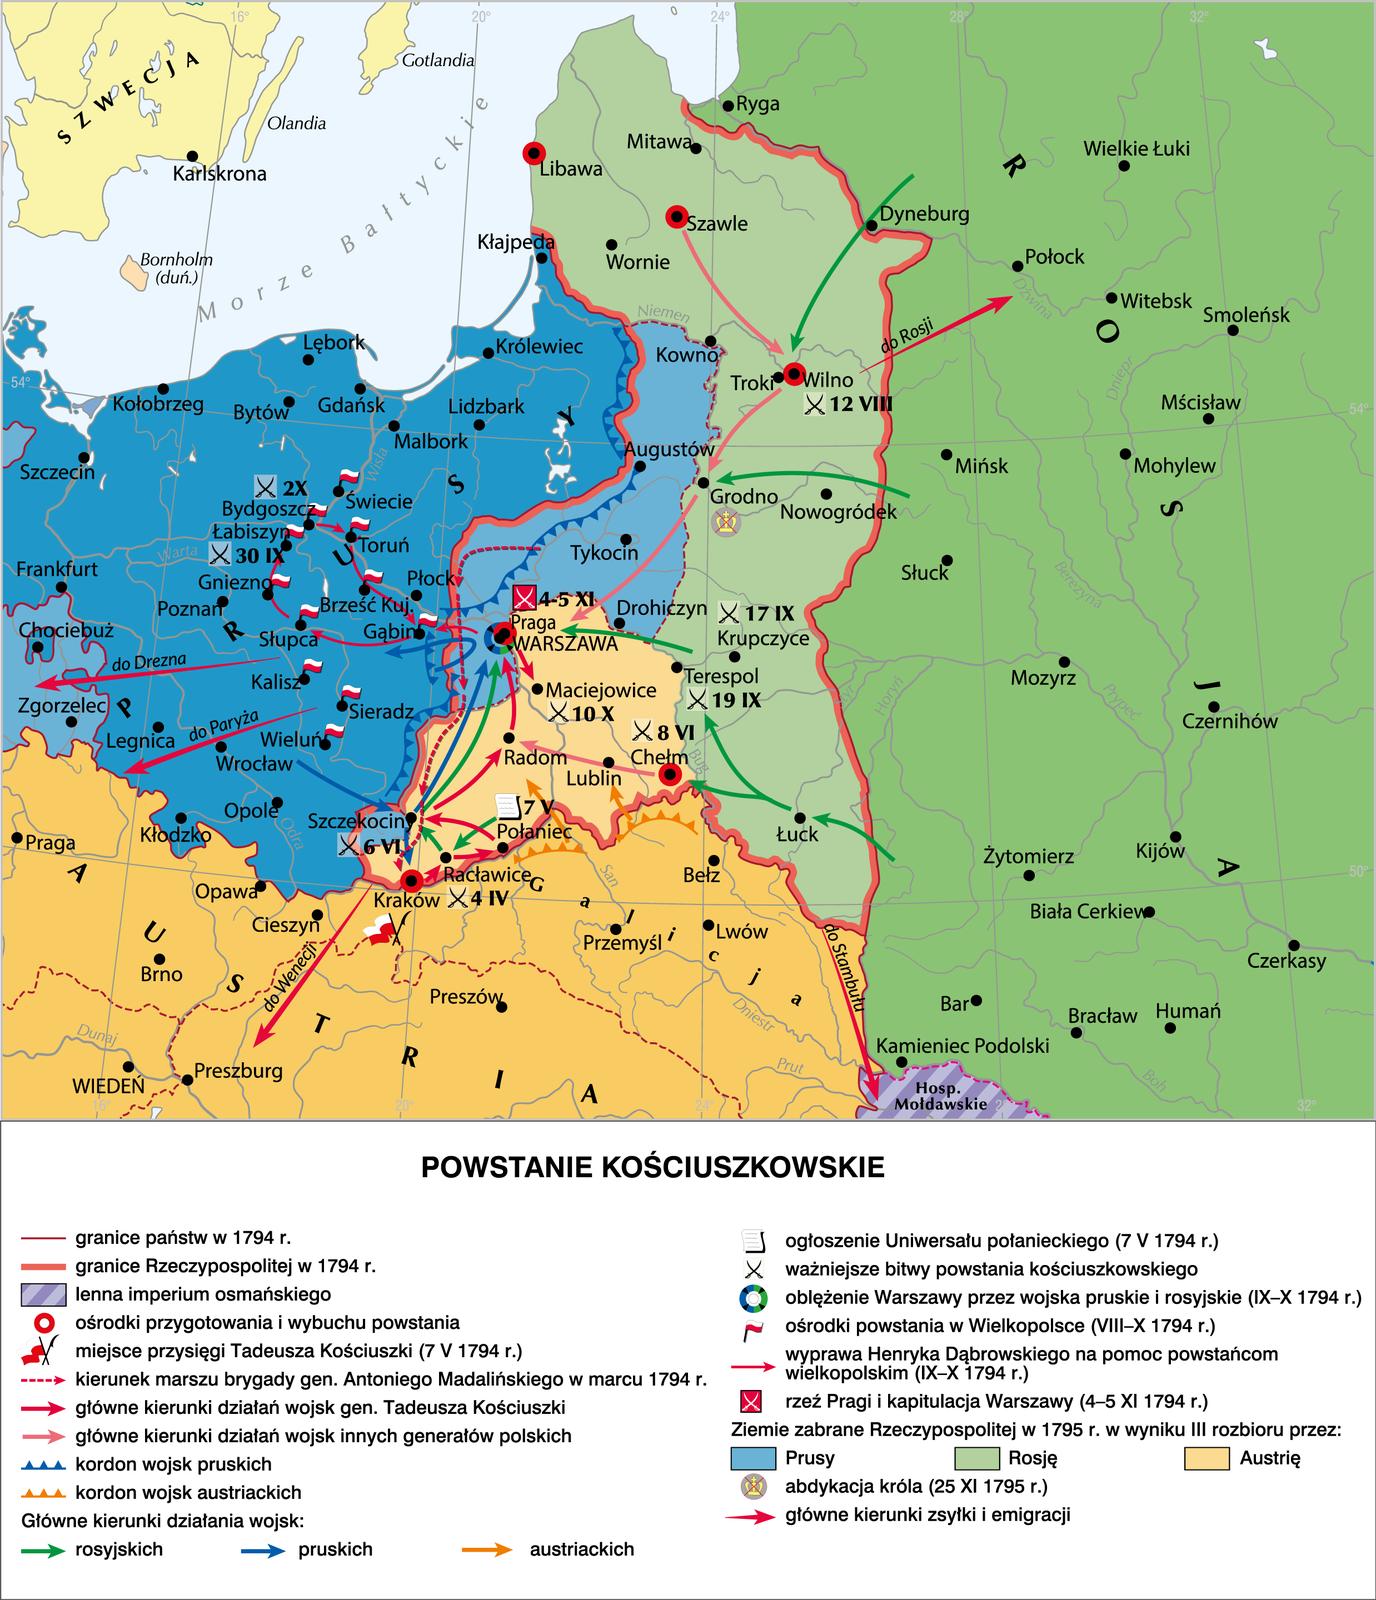 Mapa działań wojennych podczas insurekcji kościuszkowskiej w1794 r. Mapa działań wojennych podczas insurekcji kościuszkowskiej w1794 r. Źródło: Contentplus.pl sp. zo.o., licencja: CC BY-SA 4.0.